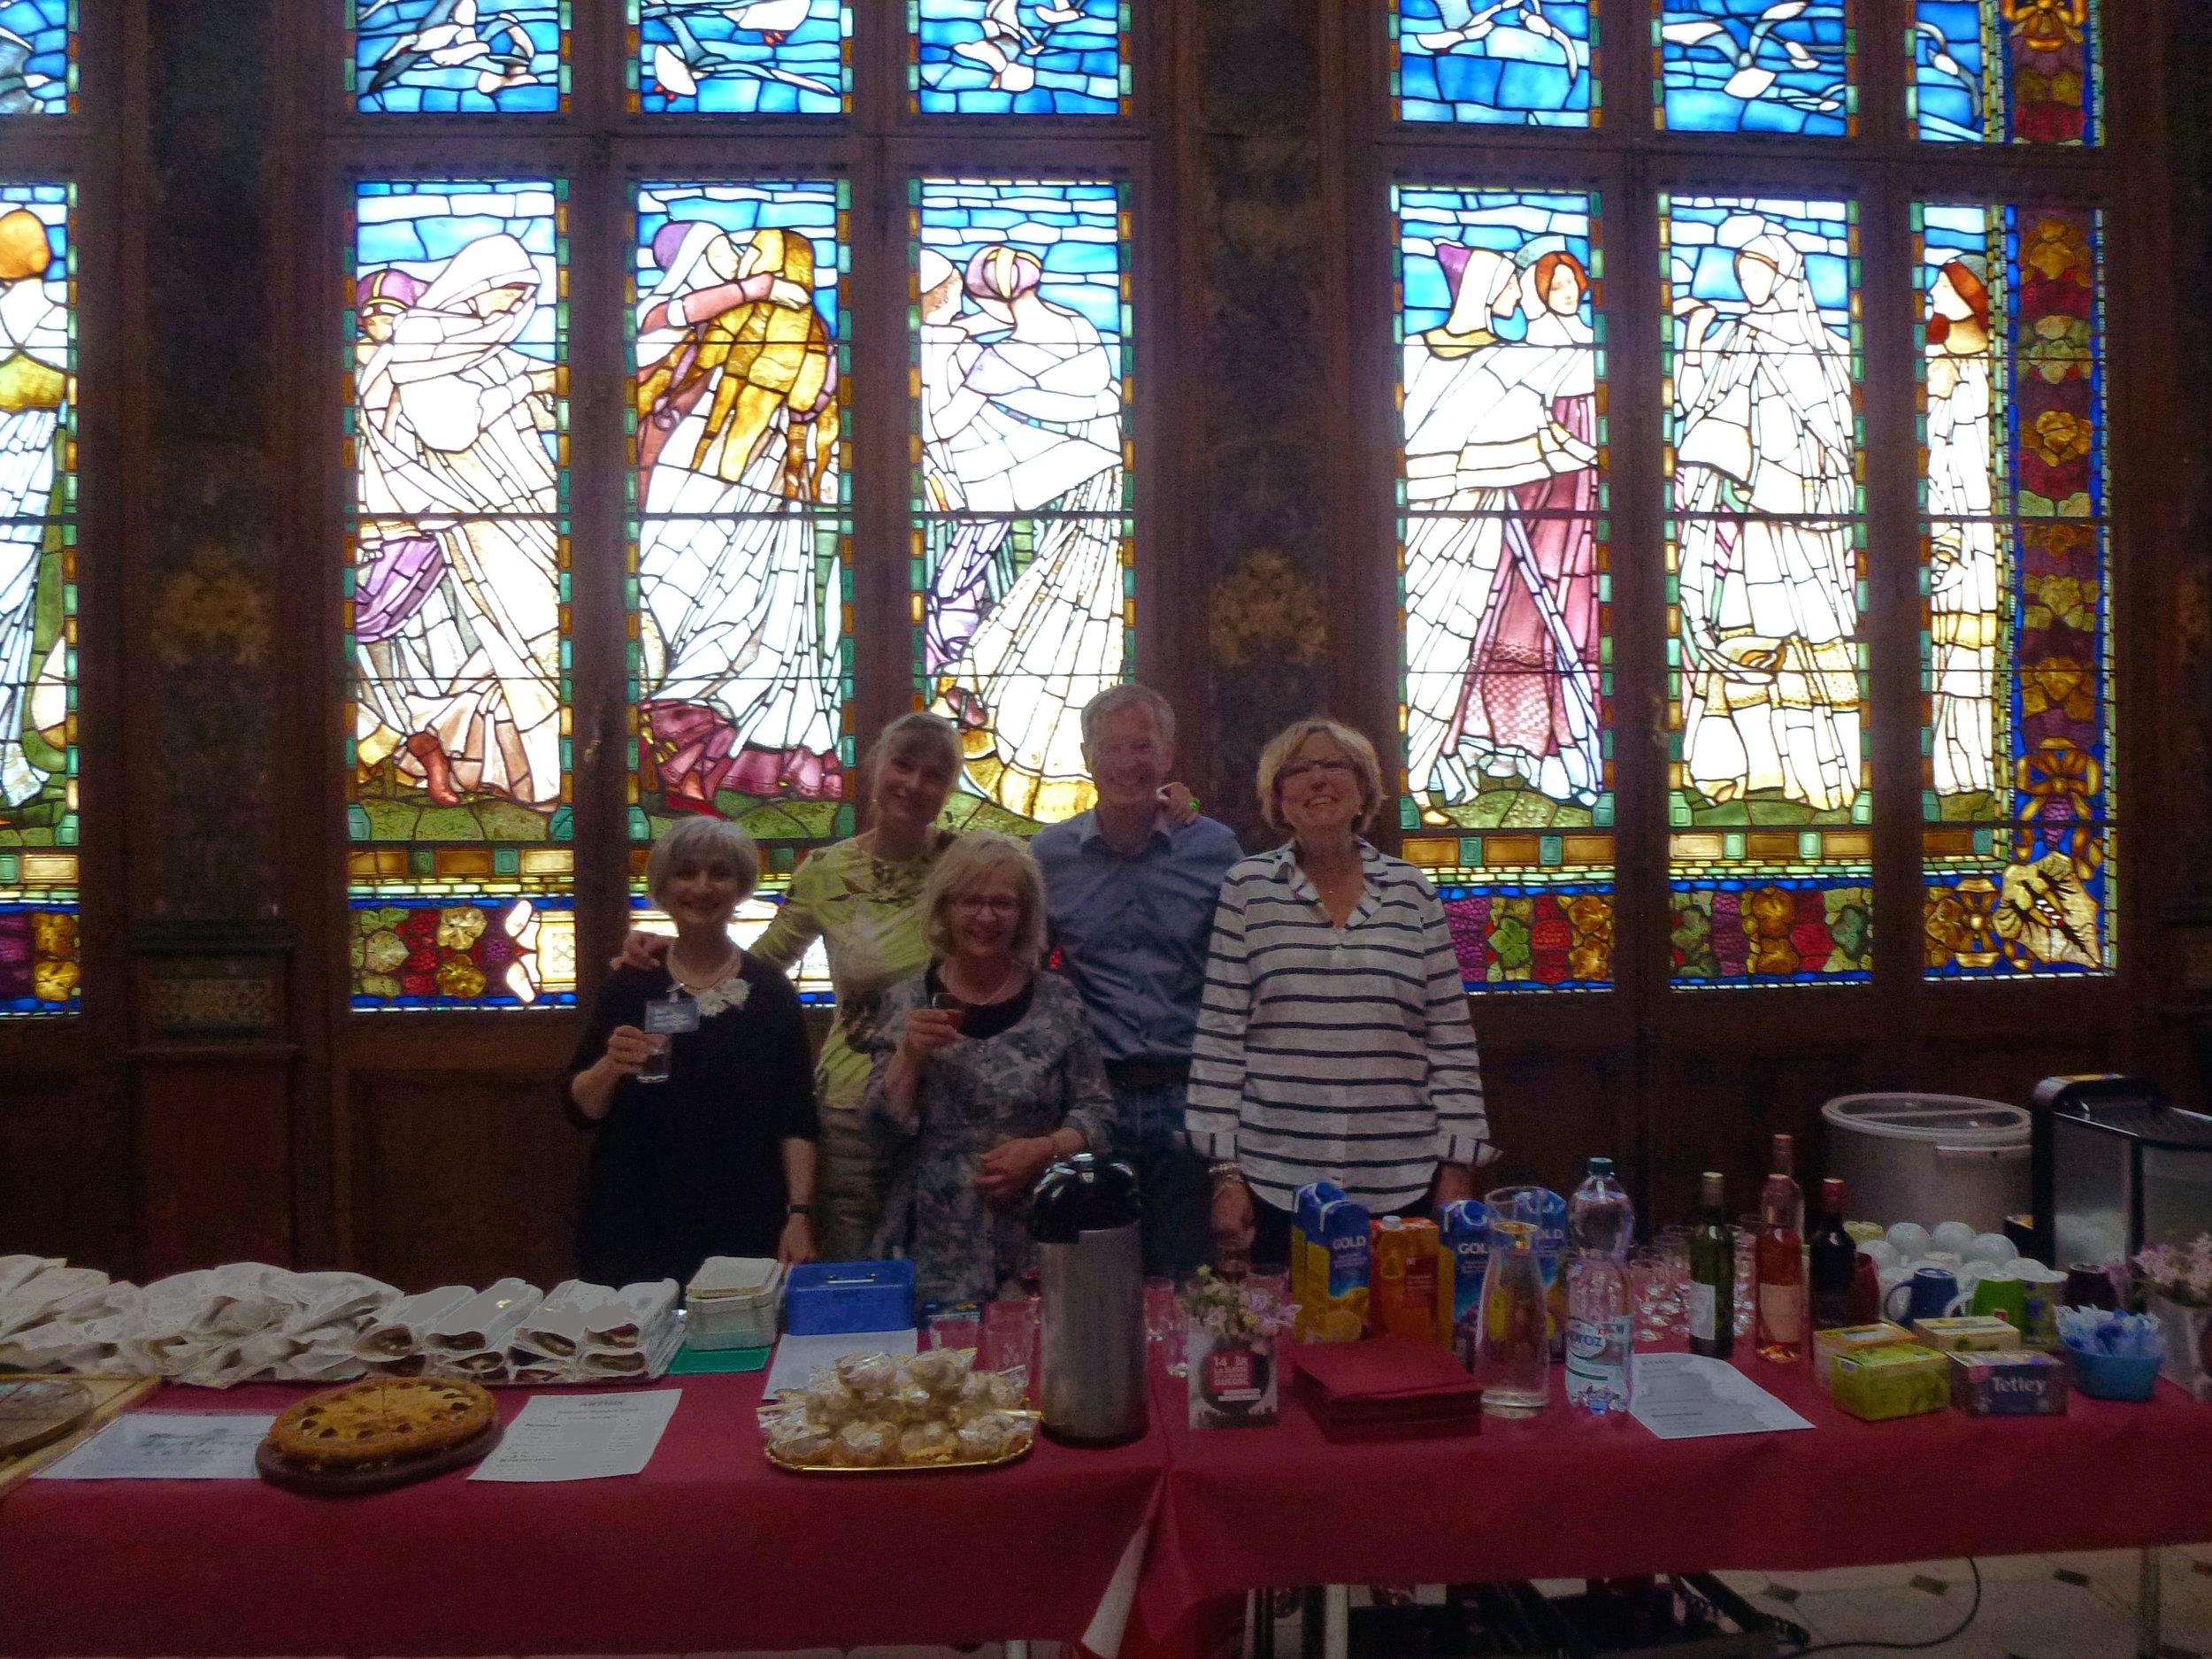 ARTHIS était constituée de son équipe de choc habituelle, Julie Rieder, Pierrette Bertolucci, Philippe Du Pasquier et Martine Jacot, très efficacement secondés par Lucie Girardin Cestone (à gauche)